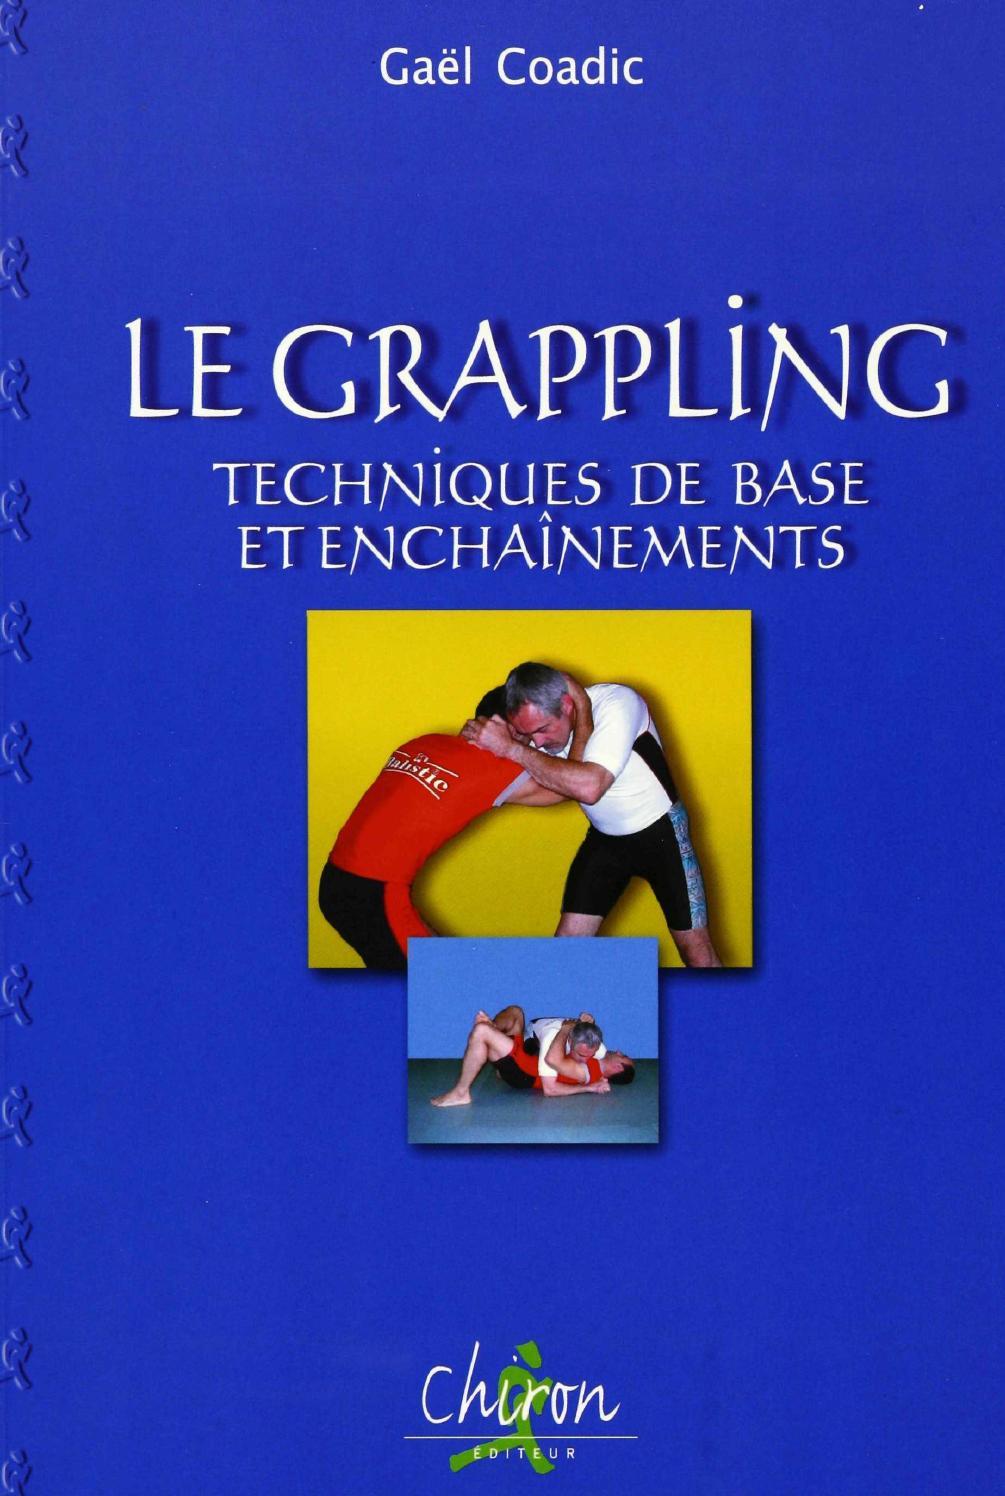 Le Grappling. Techniques de base et enchaînements - Gaël Coadic